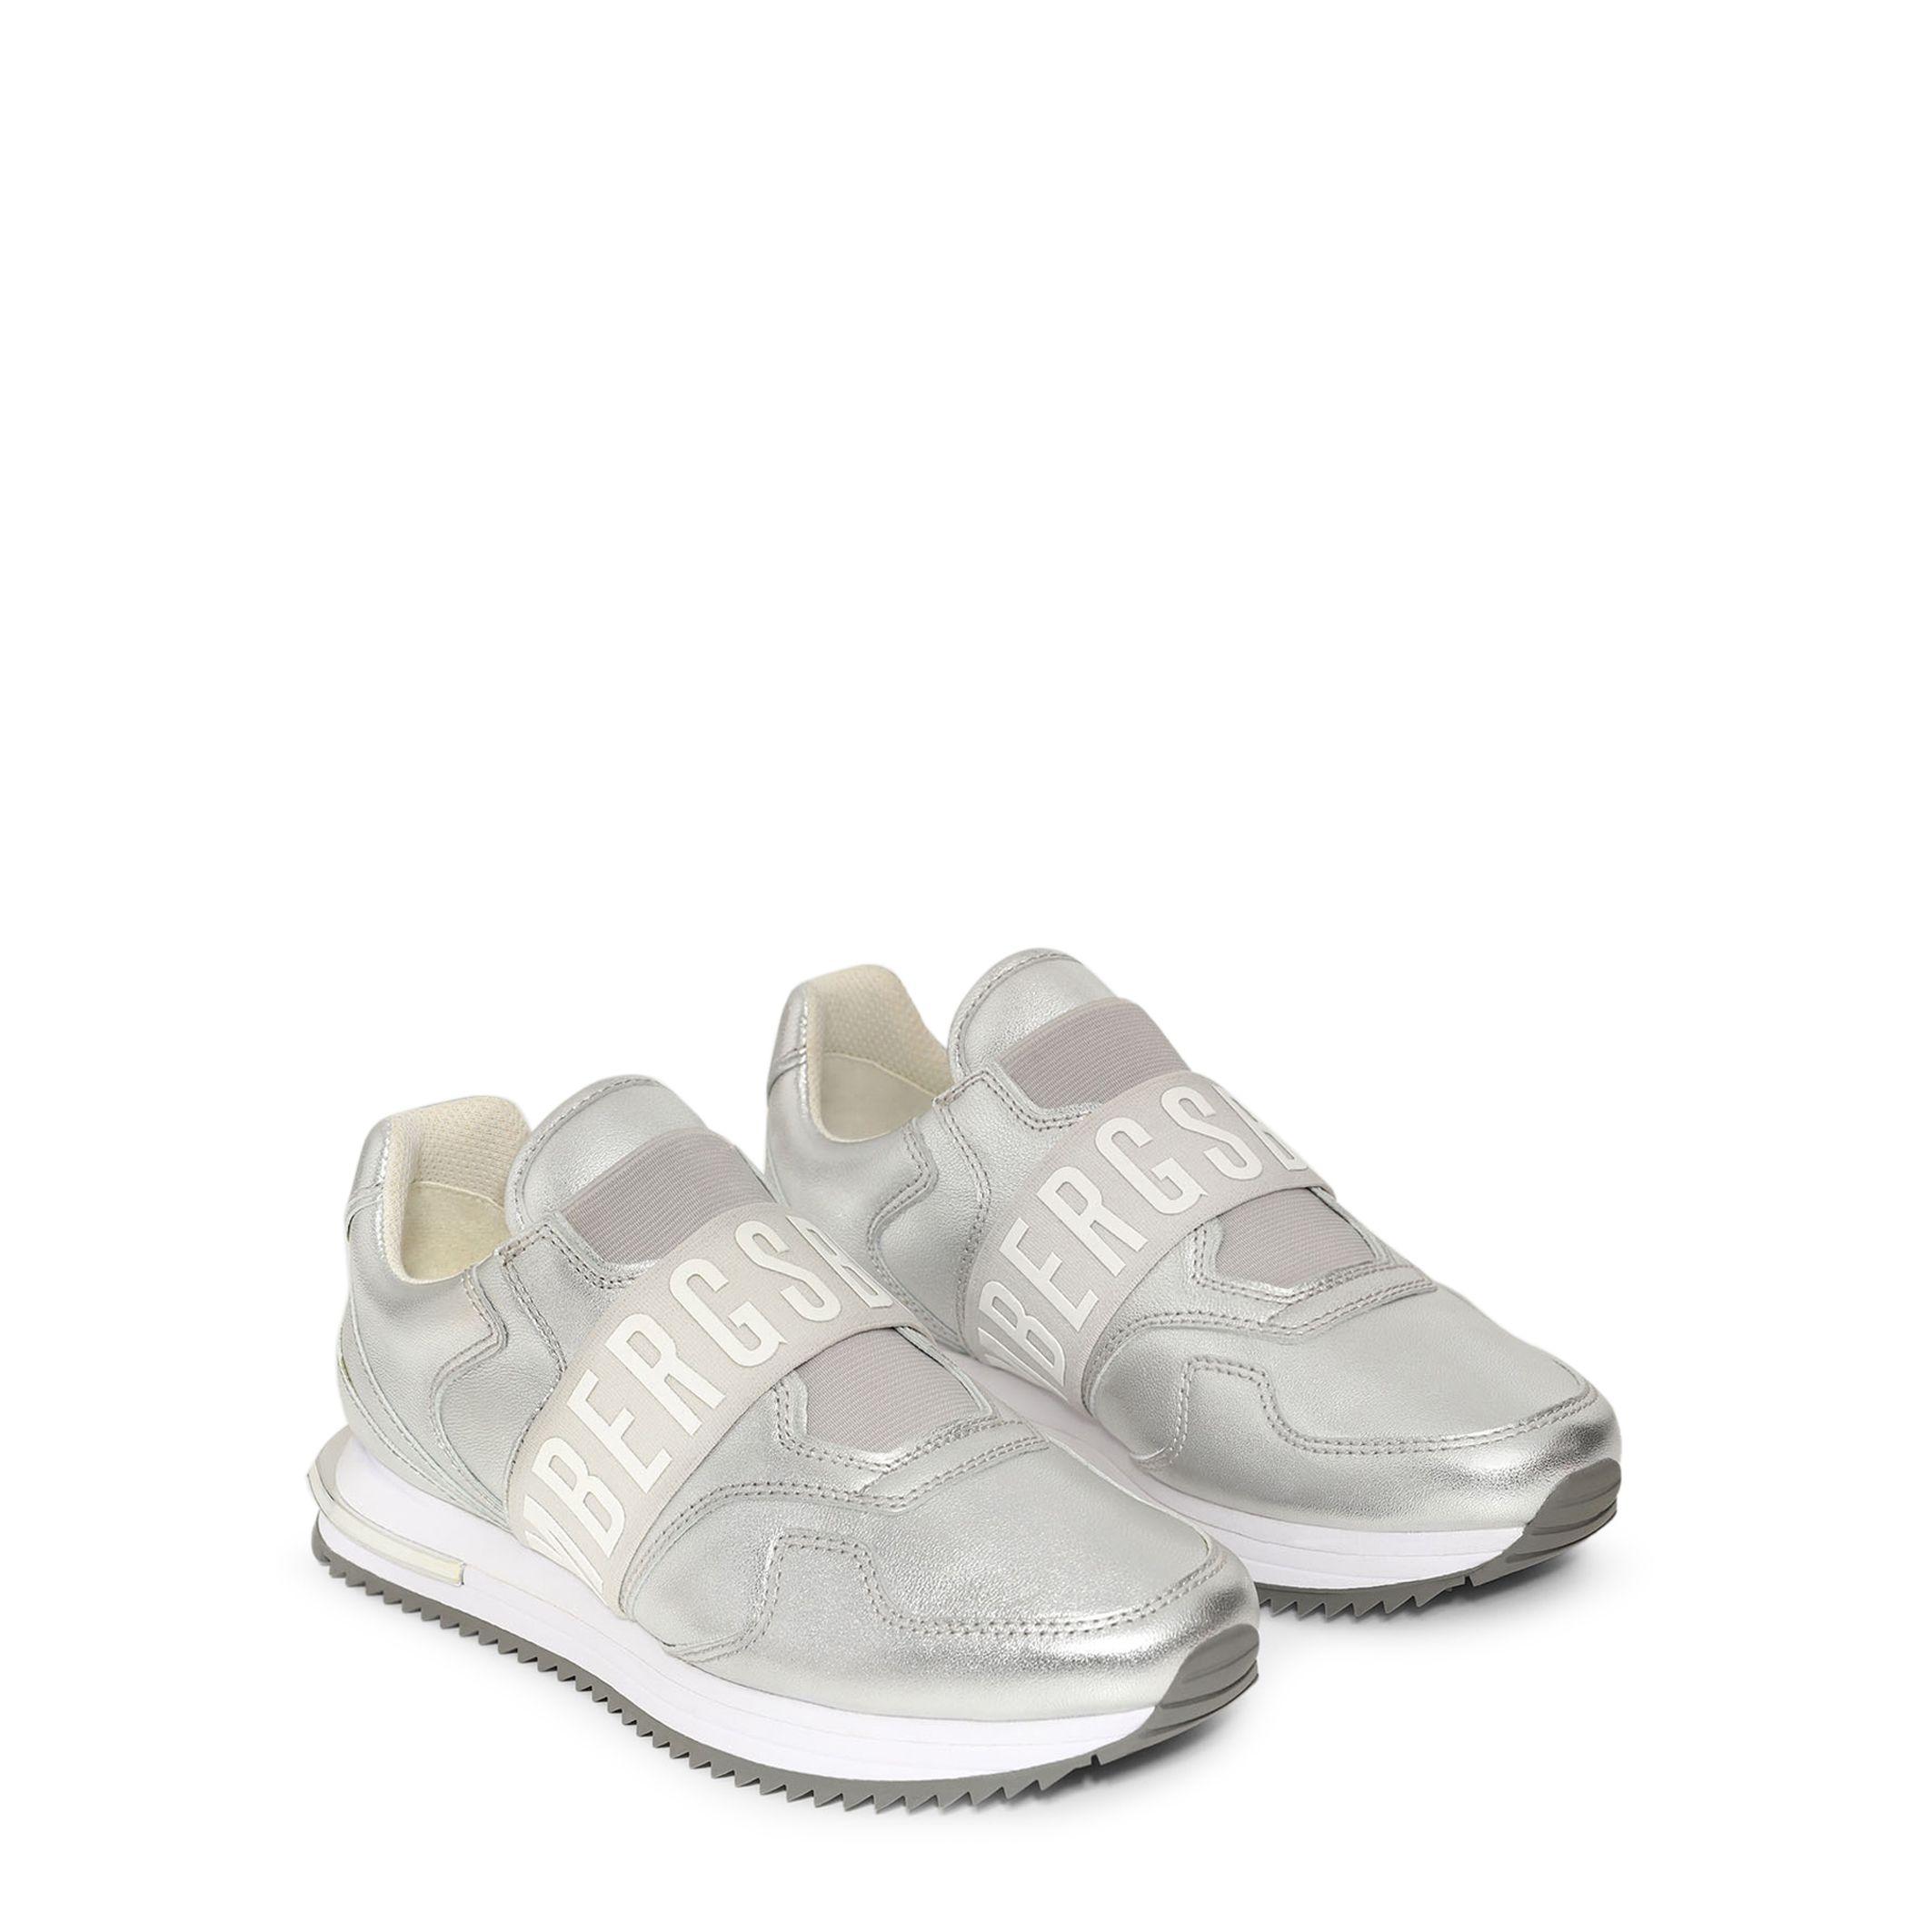 Schuhe Bikkembergs – B4BKW0056